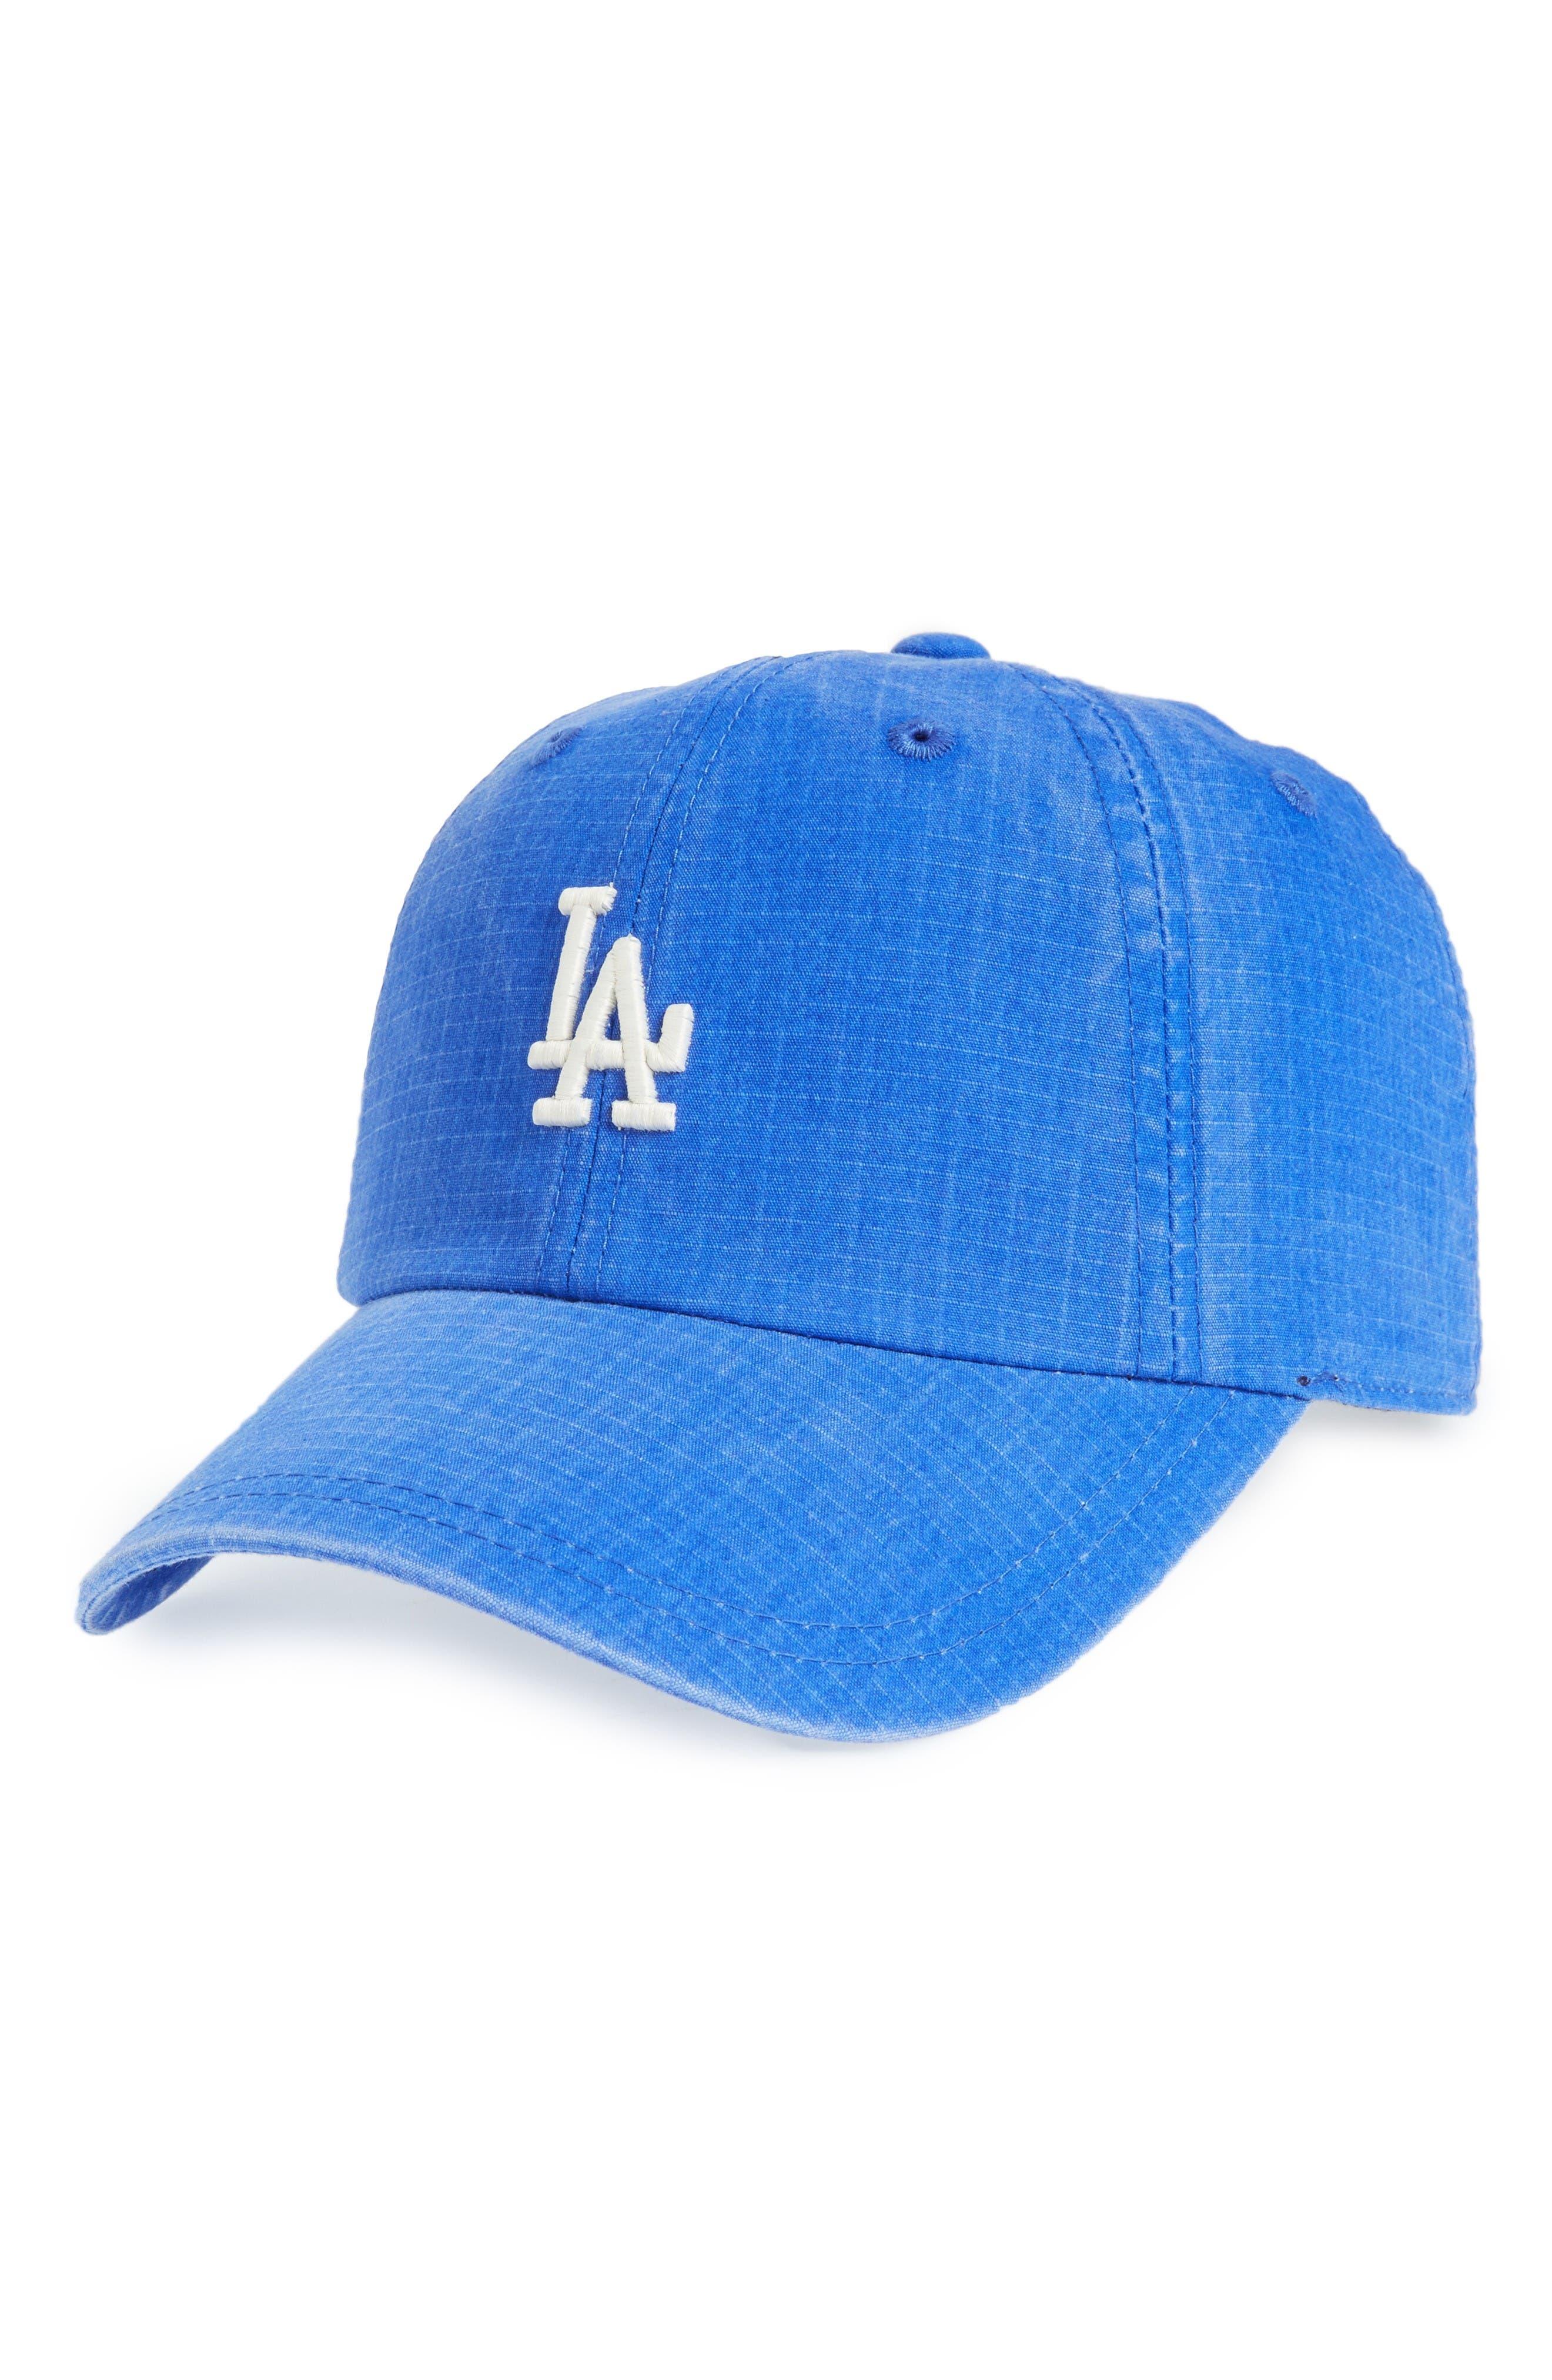 Main Image - American Needle Conway MLB Baseball Cap